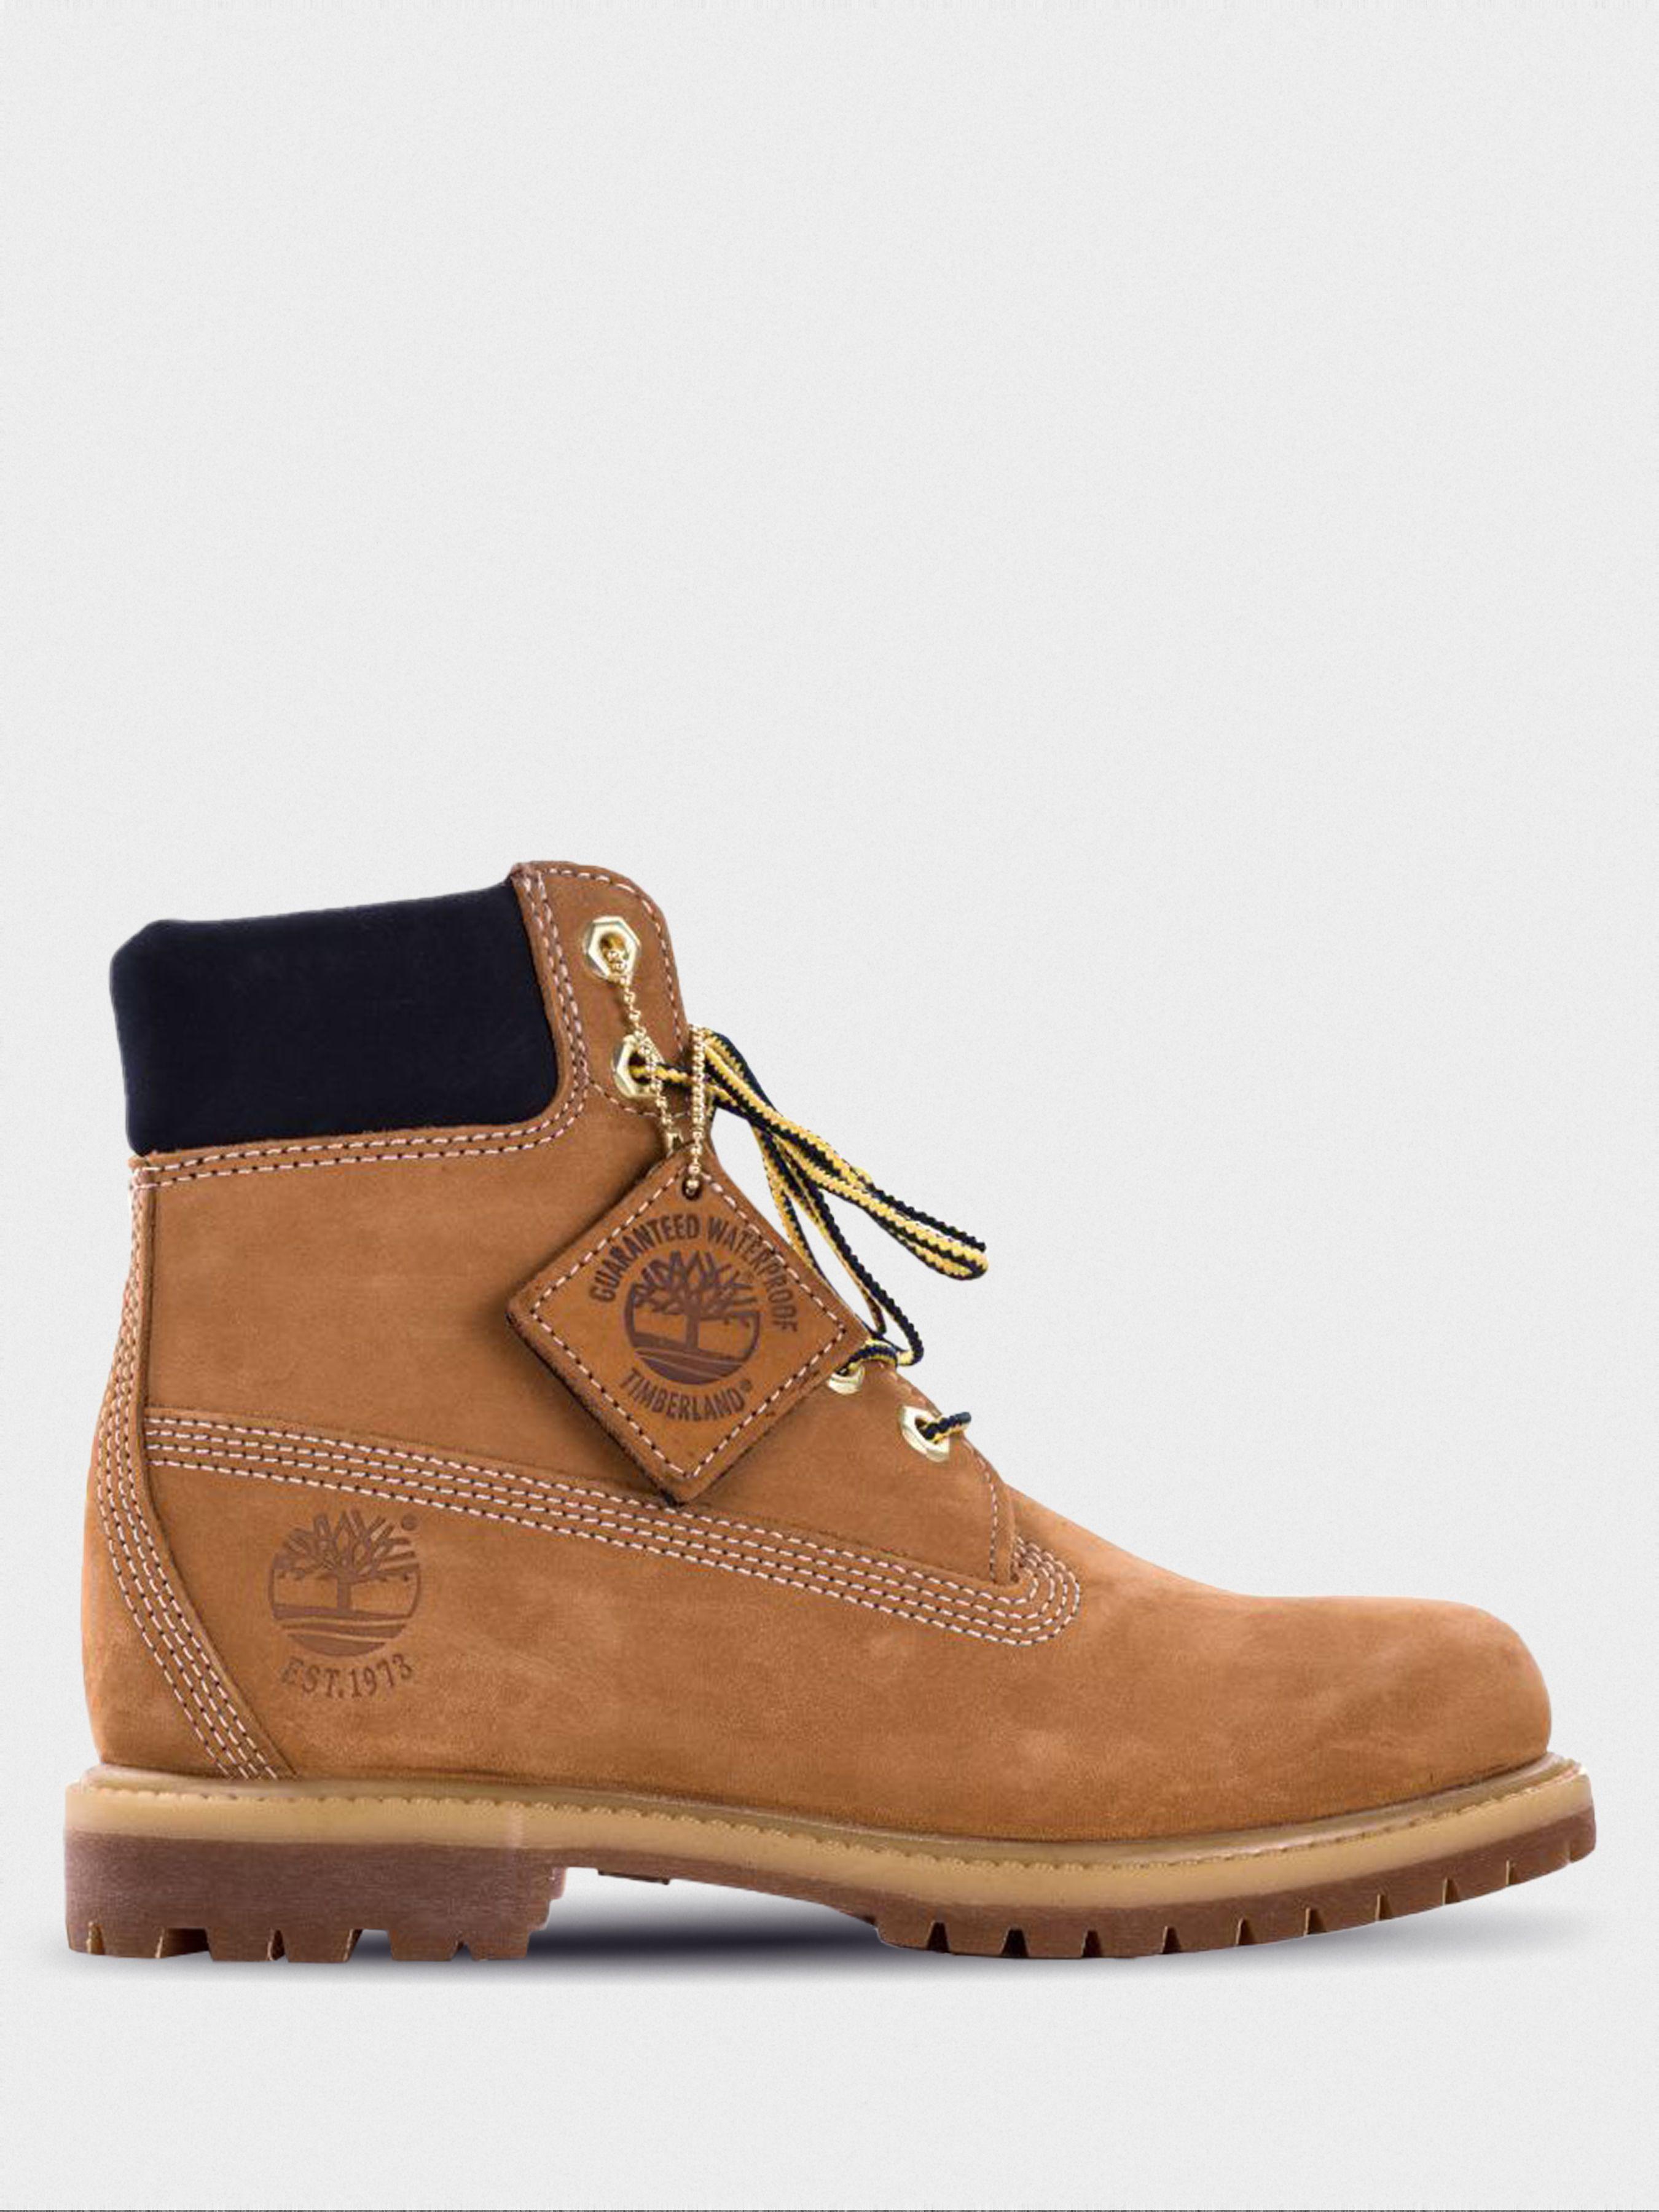 Купить Ботинки женские Timberland 6 In Premium TG2158, Желтый